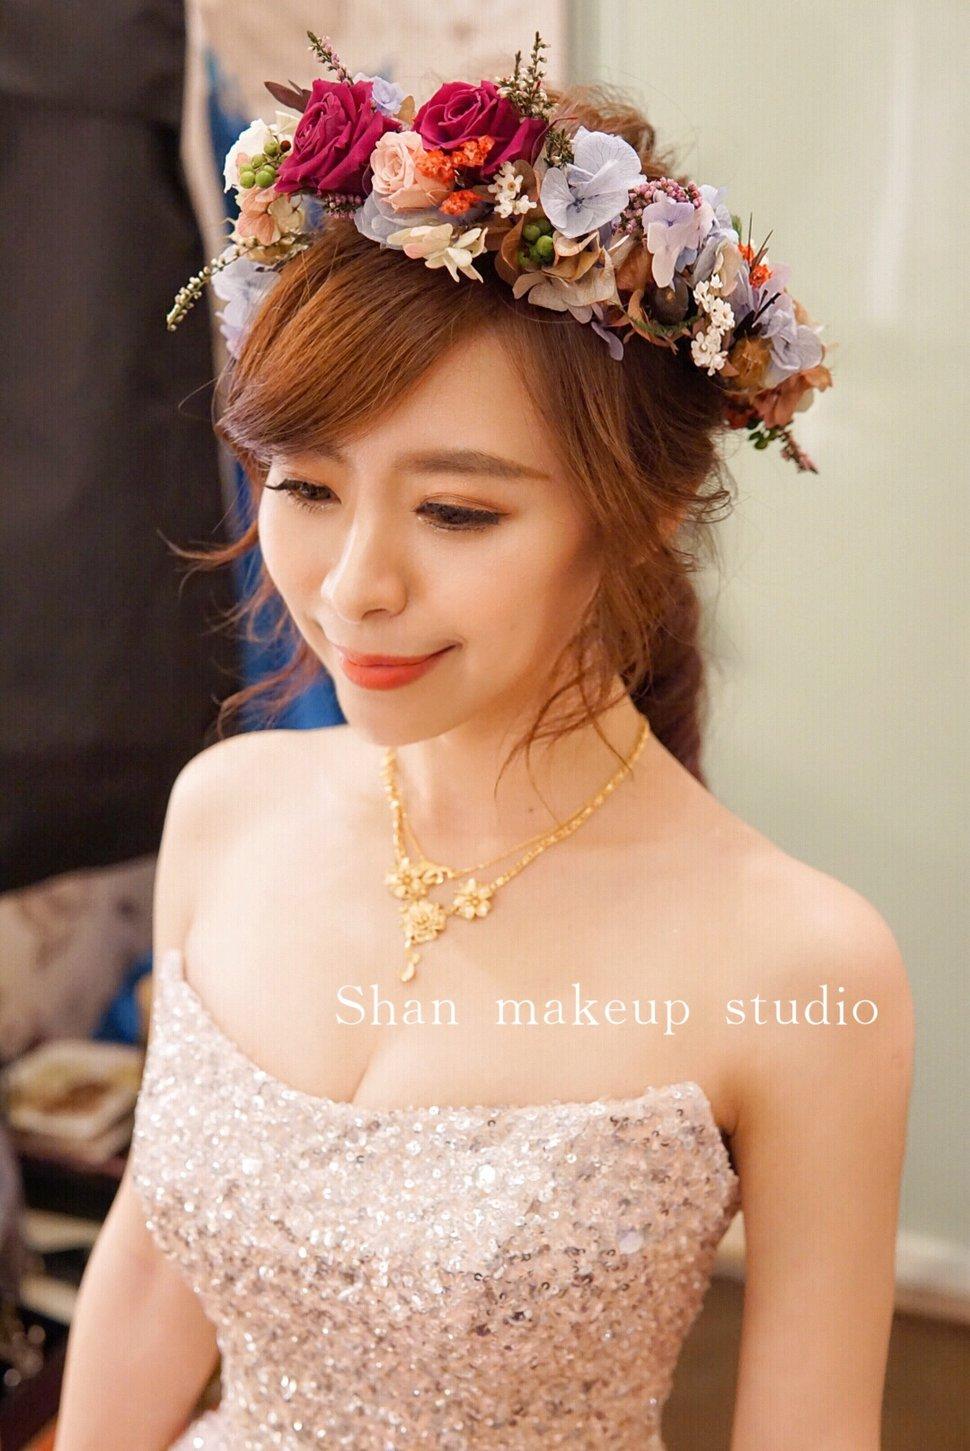 IMG_0900 - 湘翎Shan Makeup studio《結婚吧》